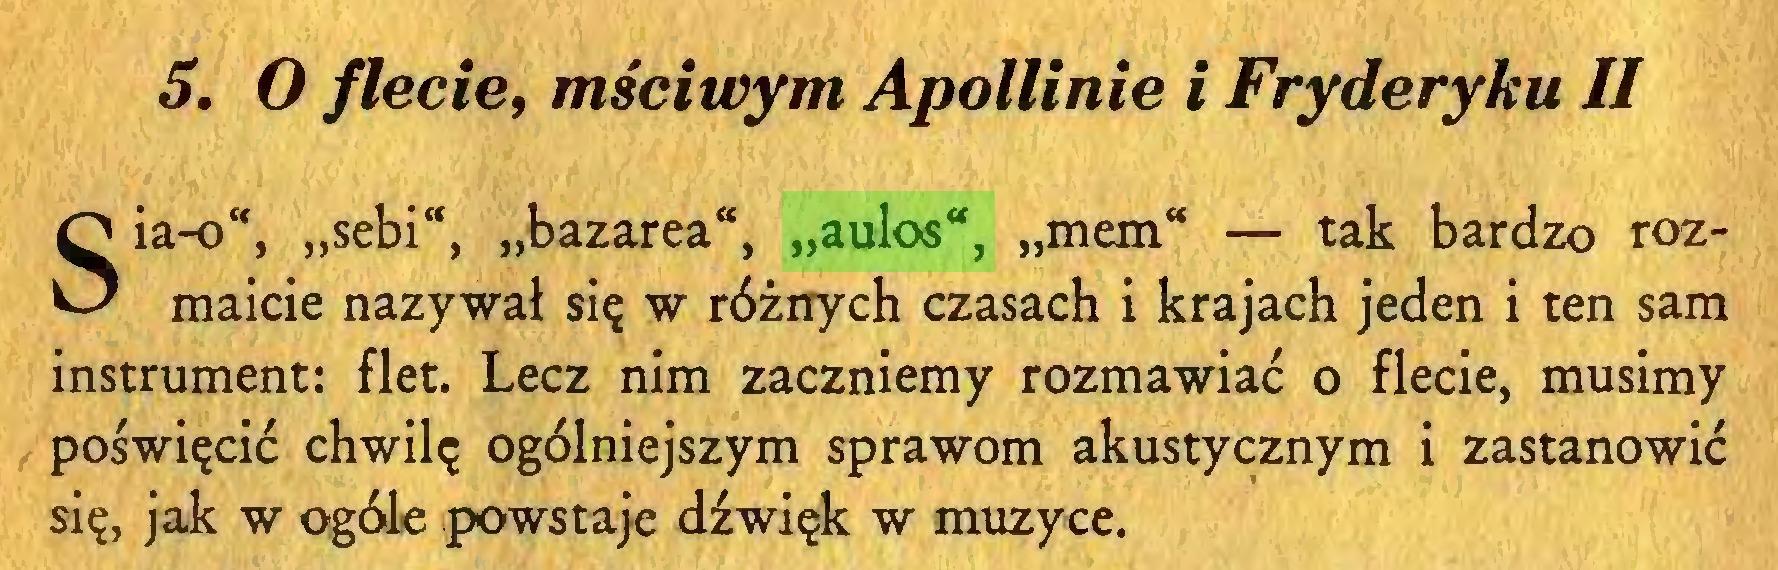 """(...) 5. O flecie, mściwym Apollinie i Fryderyku II Sia-o"""", """"sebi"""", """"bazarea*, """"aulos"""", """"mem"""" — tak bardzo rozmaicie nazywał się w różnych czasach i krajach jeden i ten sam instrument: flet. Lecz nim zaczniemy rozmawiać o flecie, musimy poświęcić chwilę ogólniejszym sprawom akustycznym i zastanowić się, jak w ogóle powstaje dźwięk w muzyce..."""